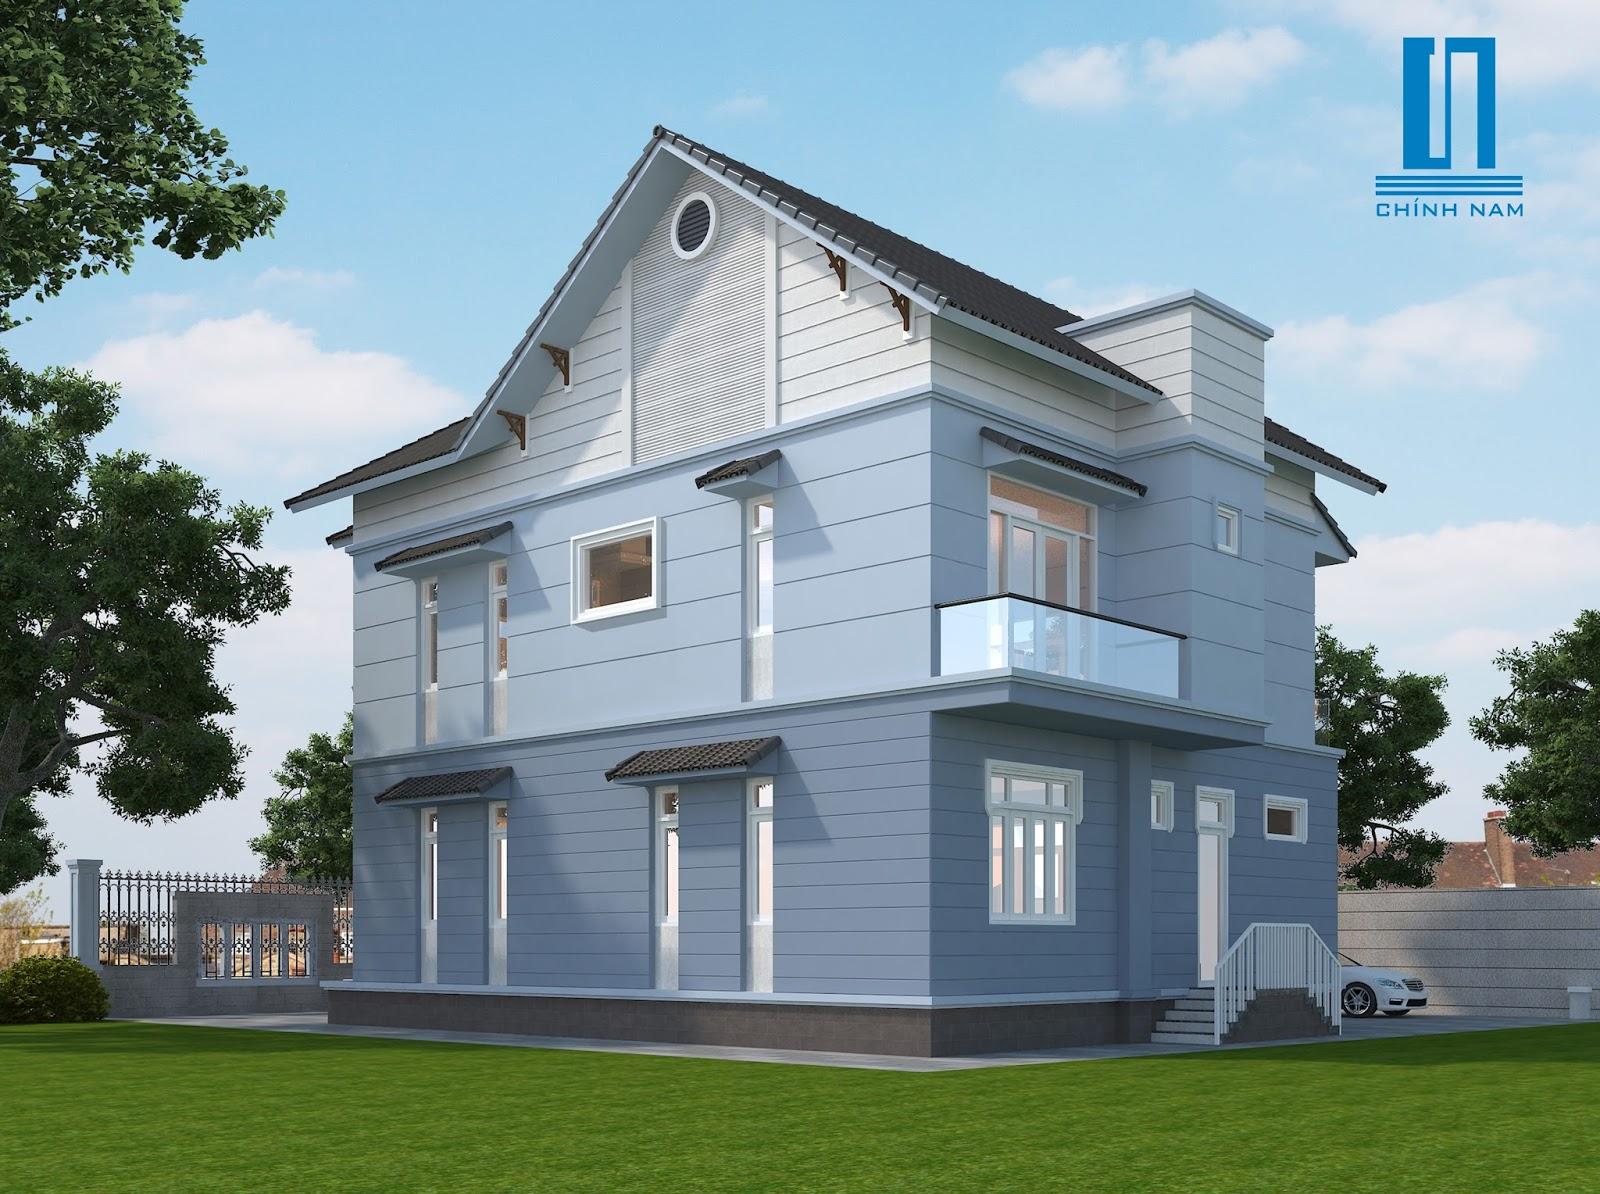 Dịch vụ xây dựng Biệt thự Tây Ninh